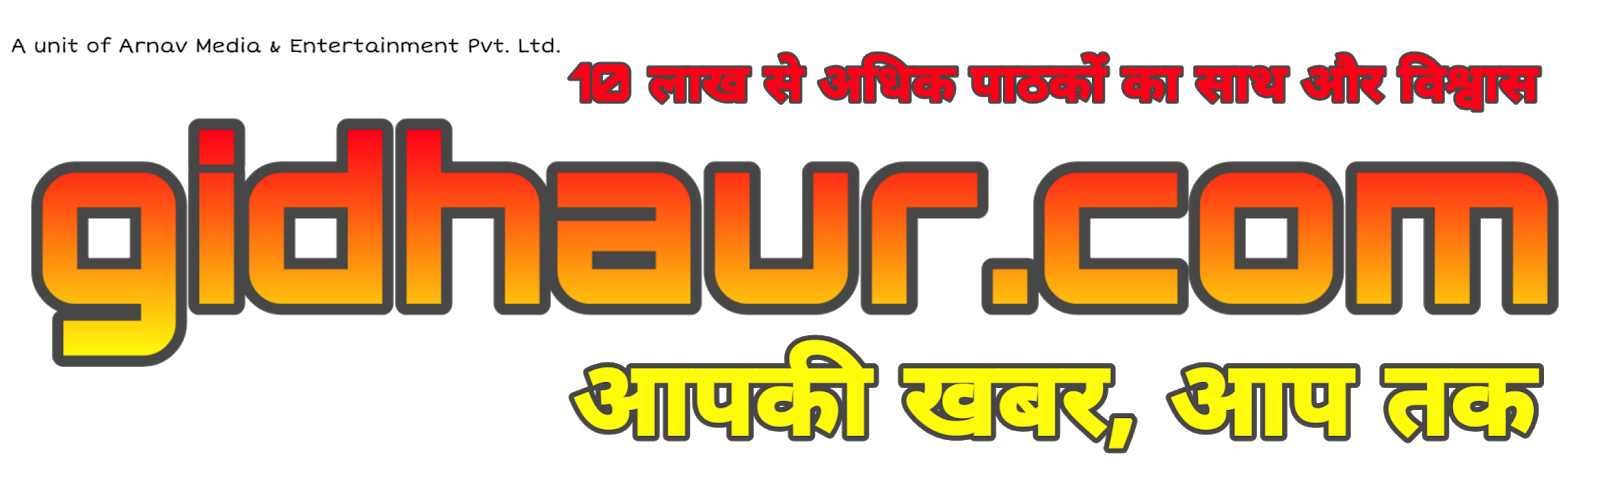 Gidhaur - गिद्धौर - Gidhaur News - गिद्धौर समाचार - Jamui - जमुई - Jamui Samachar - जमुई समाचार